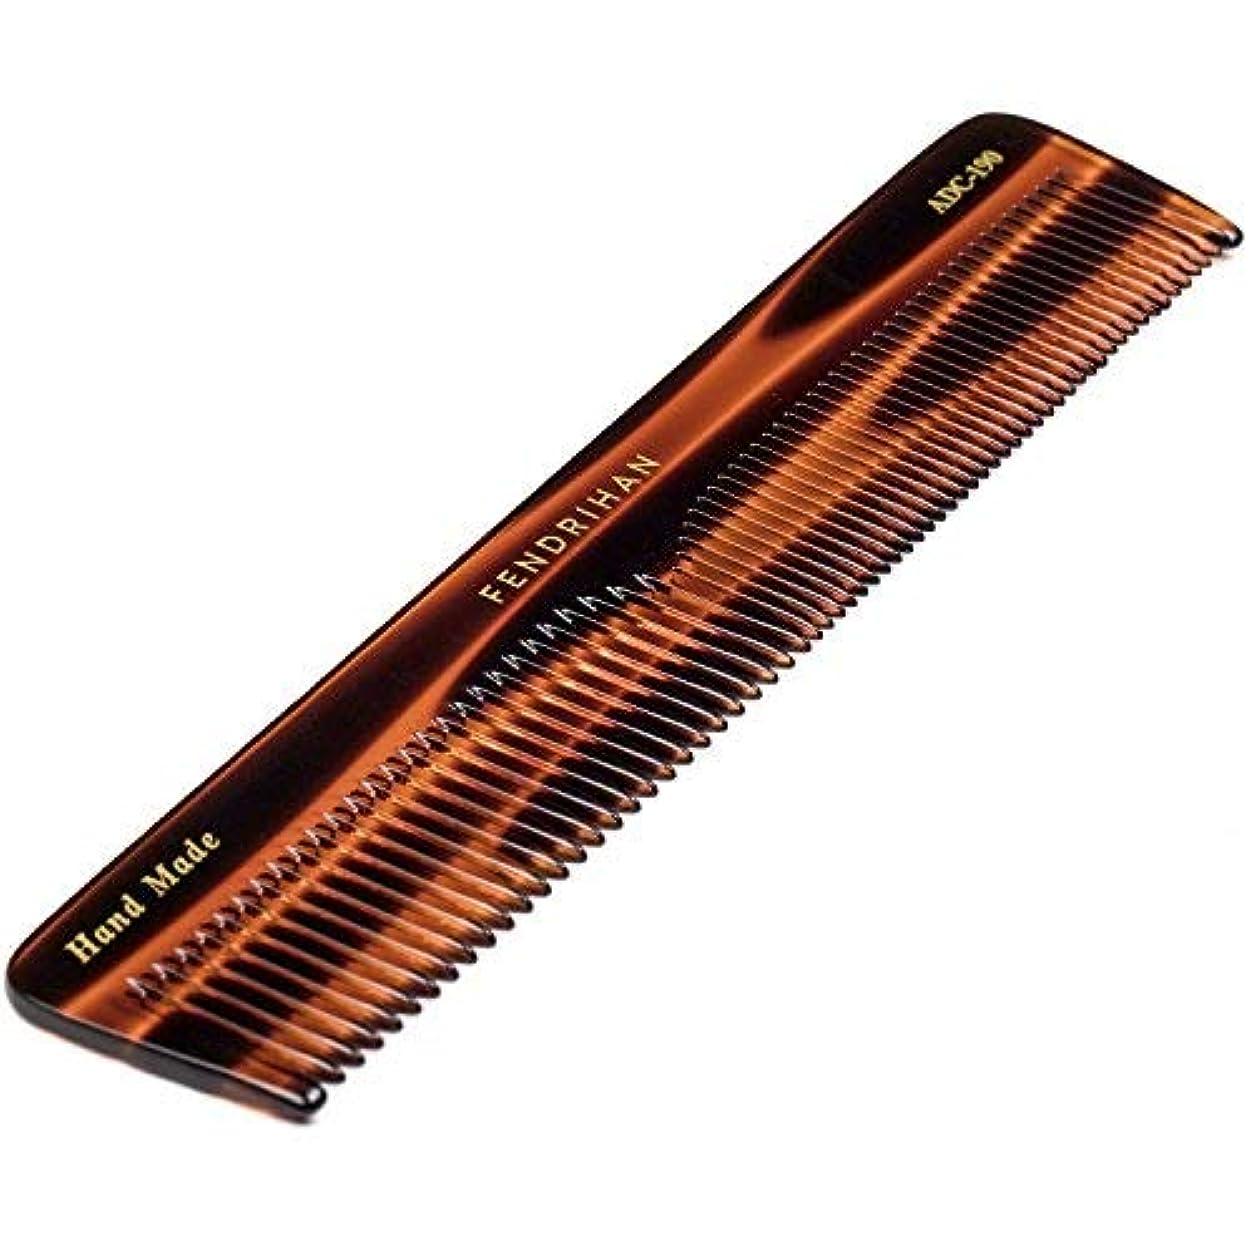 活性化進捗理想的Fendrihan Hand Finished Large Double Tooth Comb for Men, Faux Tortoise (7.3 Inches) [並行輸入品]